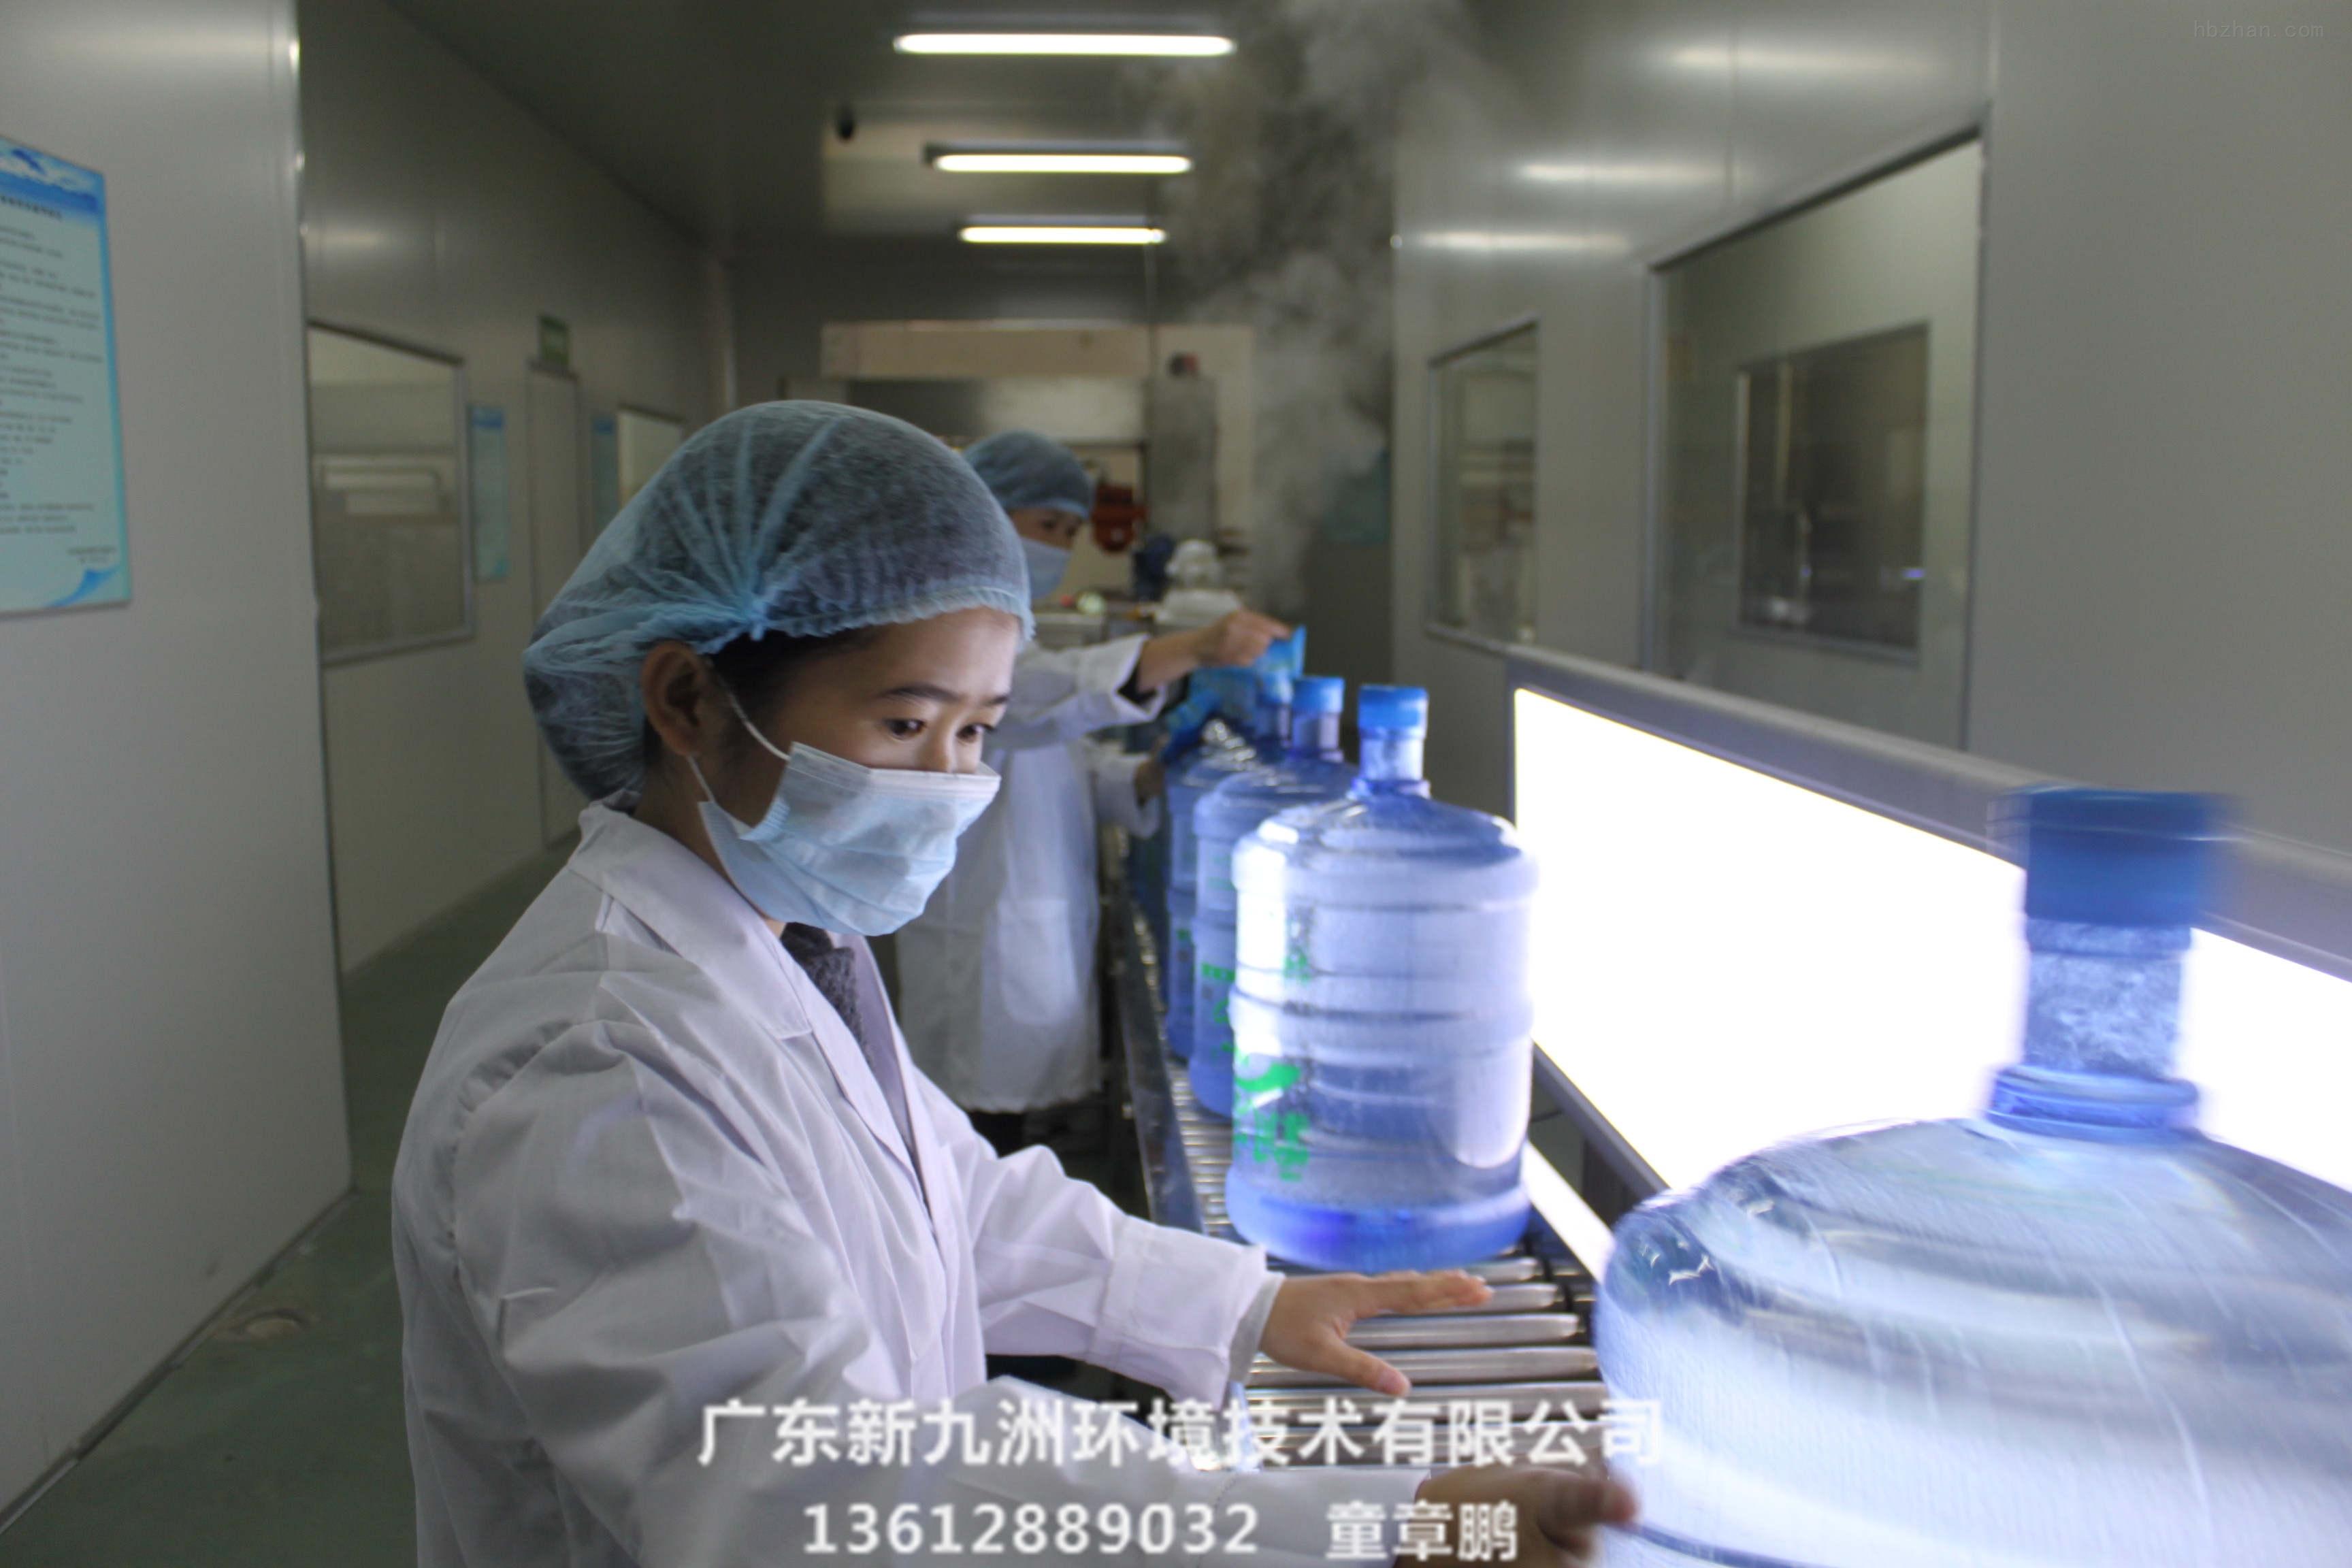 水处理 纯净水设备 矿泉水生产线 广东新九洲环境技术有限公司 桶装水